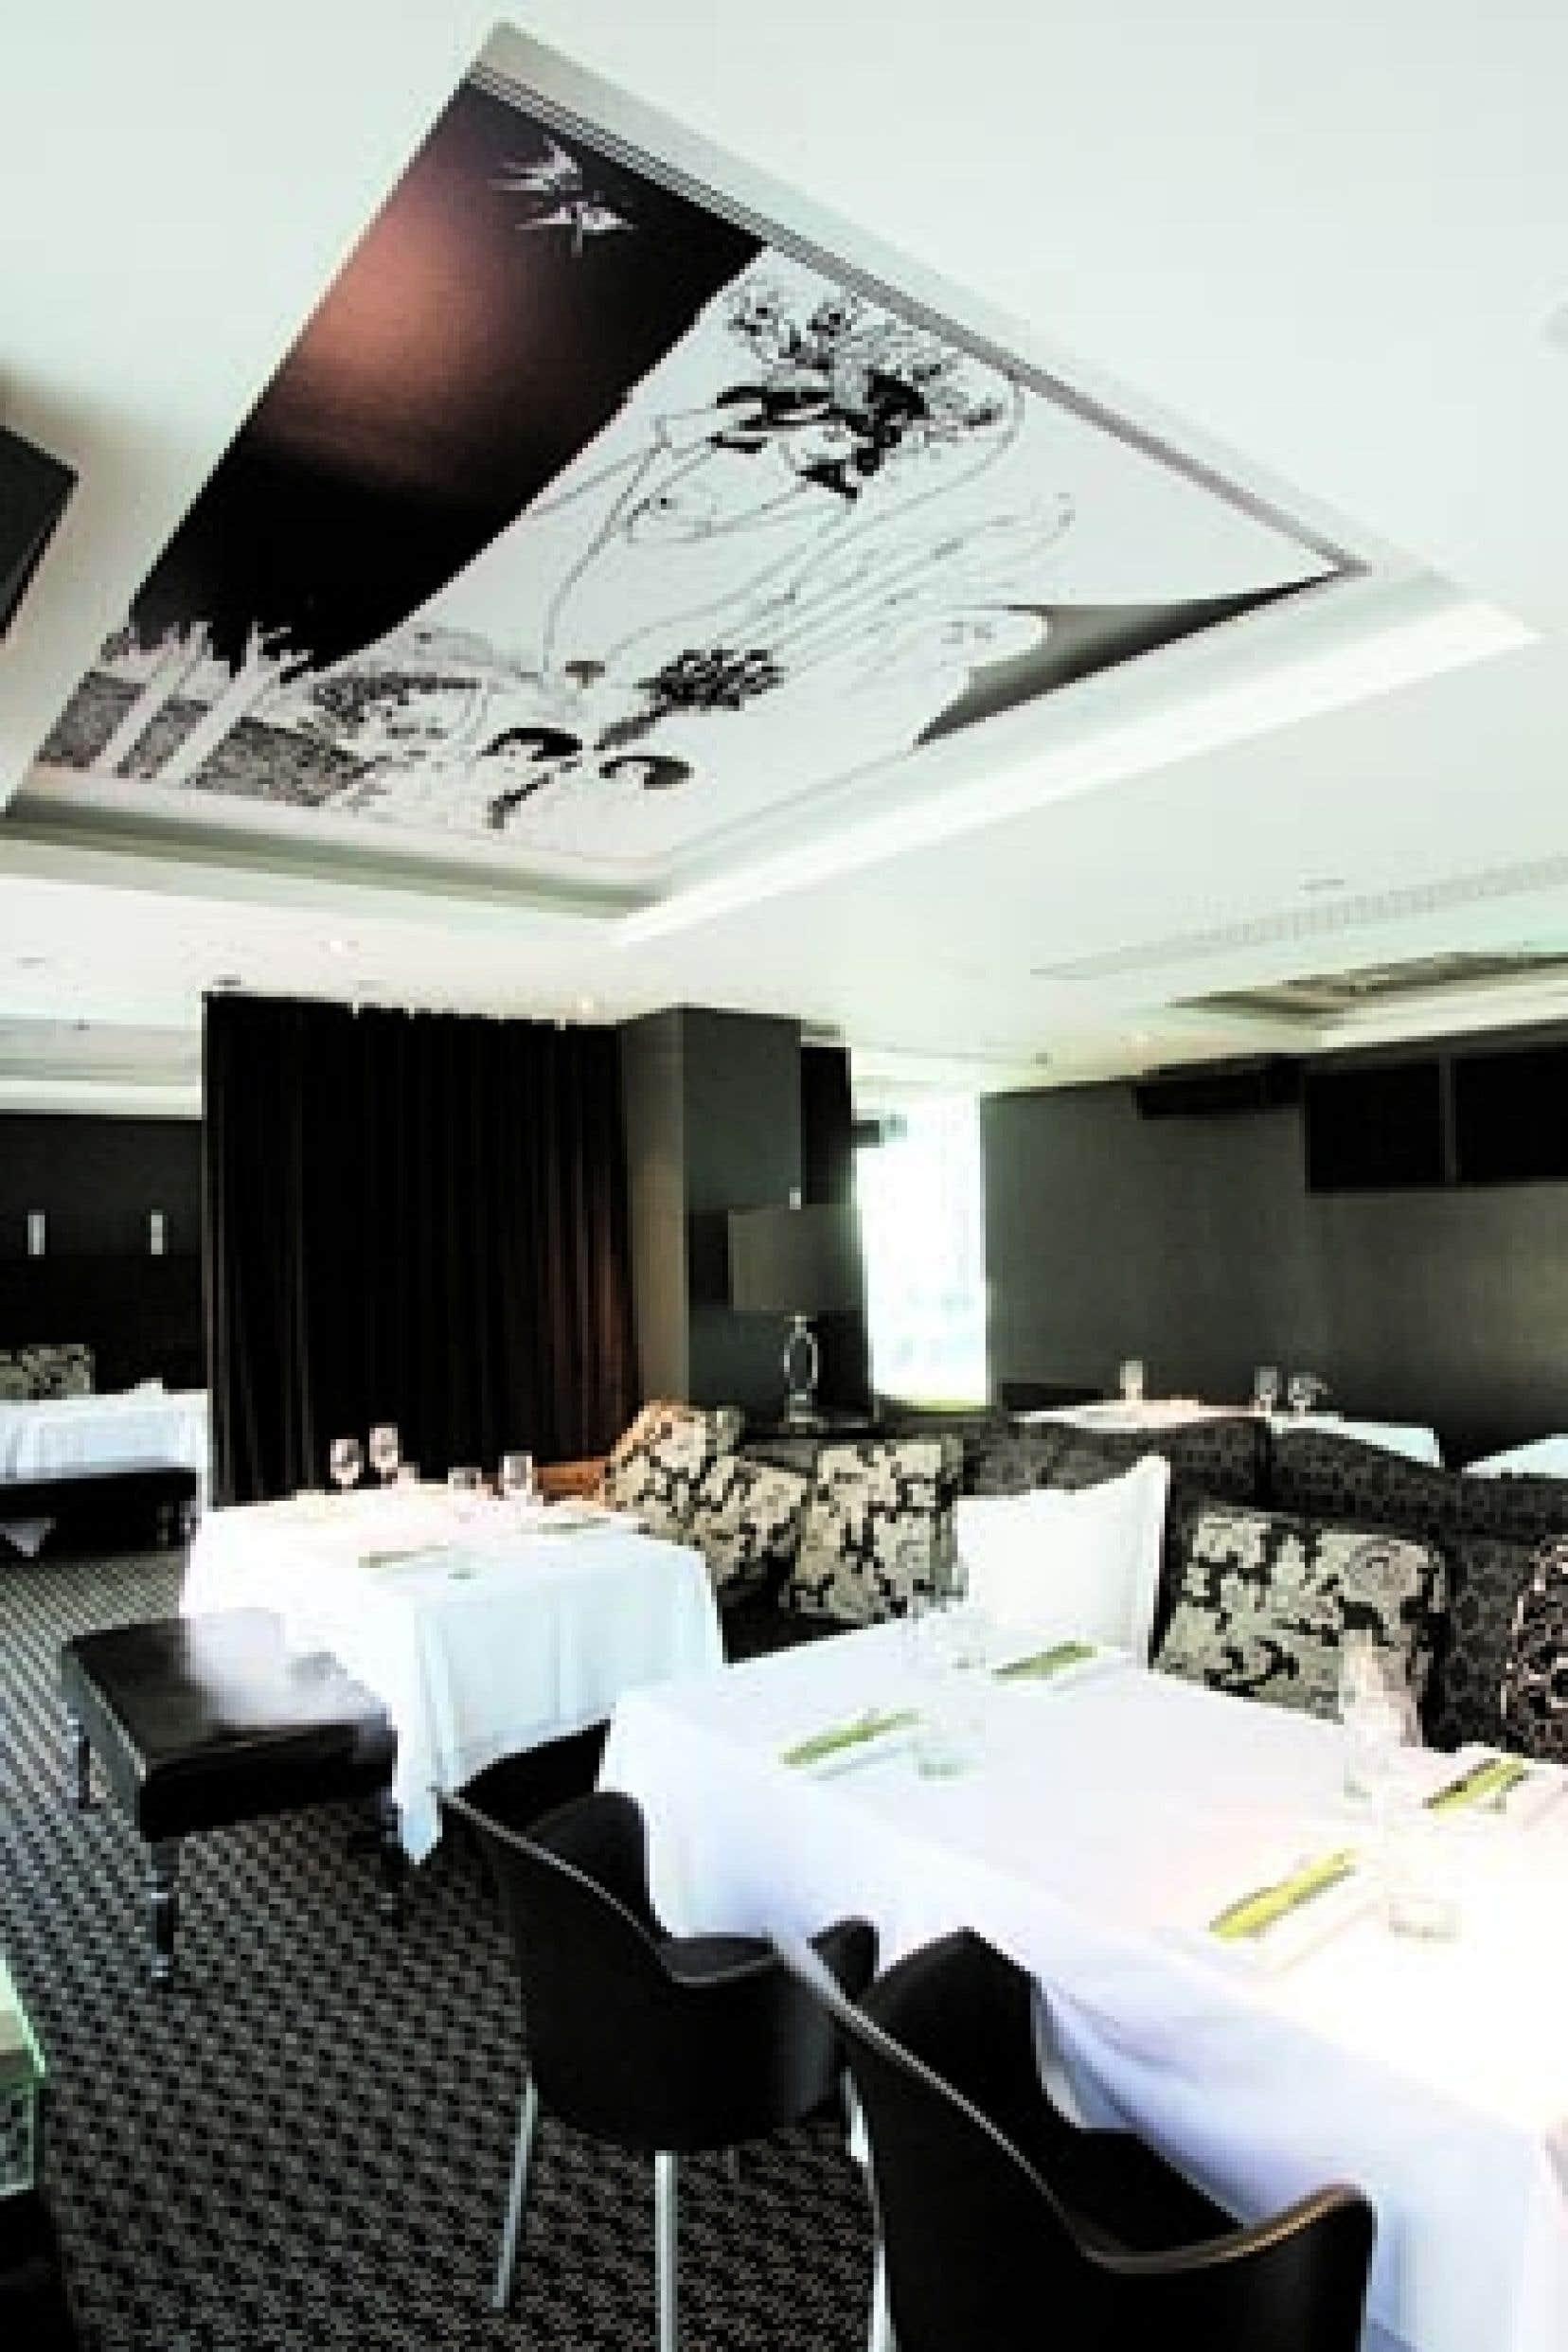 Un an après son ouverture, le restaurant Koko de l'hôtel Opus s'ajuste et répond aux attentes, grâce à son service professionnel, mais surtout grâce à sa cuisine «découvertes», parmi les plus justes de Montréal.